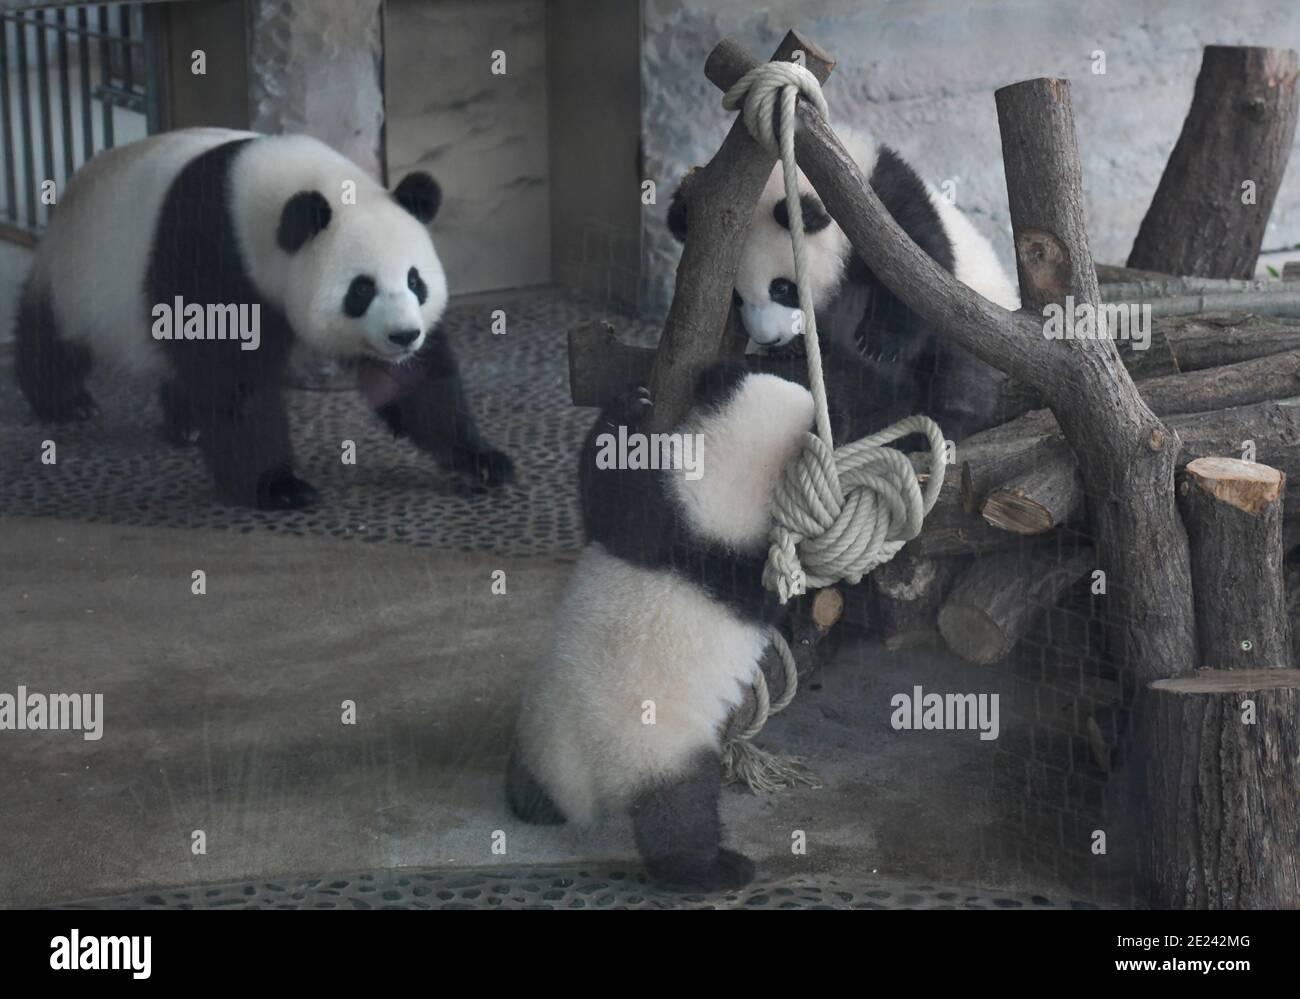 Berlino, 14.02.2020: Zwei Wochen nach dem Einzug der Pandas in ihr neues Gehege kehrt Normalität ein. Die Zwillinge Meng Xiang und Meng Yuan alias Pit Foto Stock